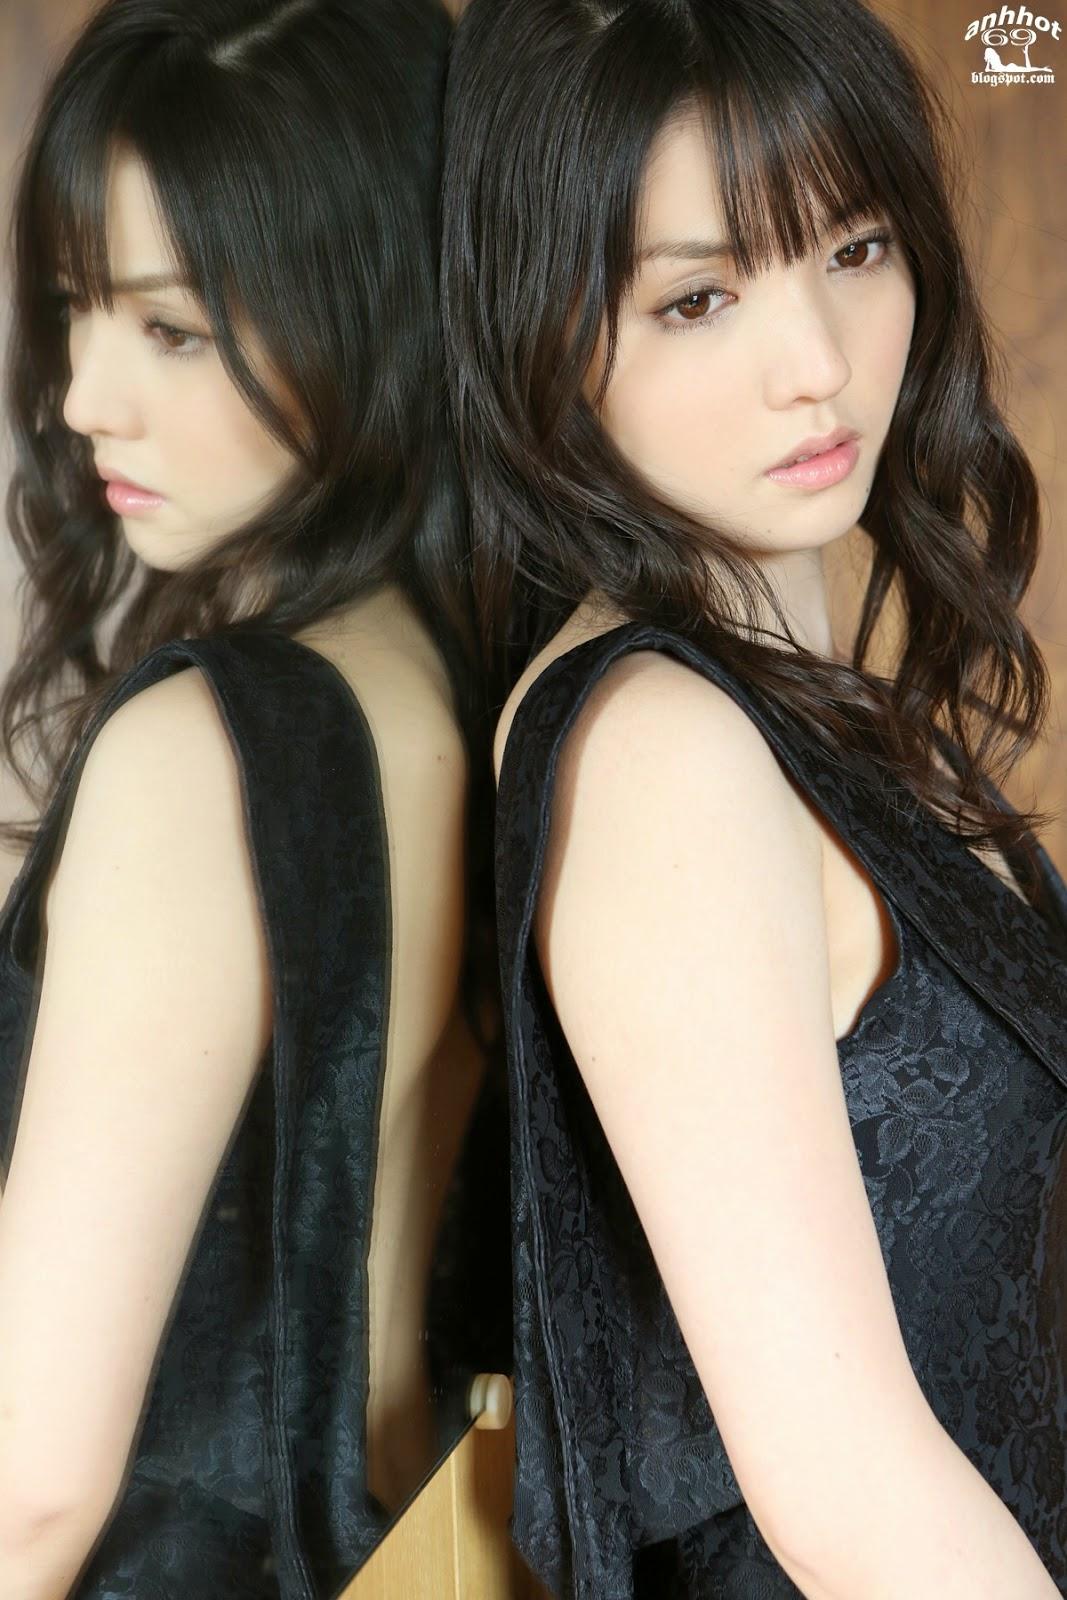 sayumi-michishige-02264018